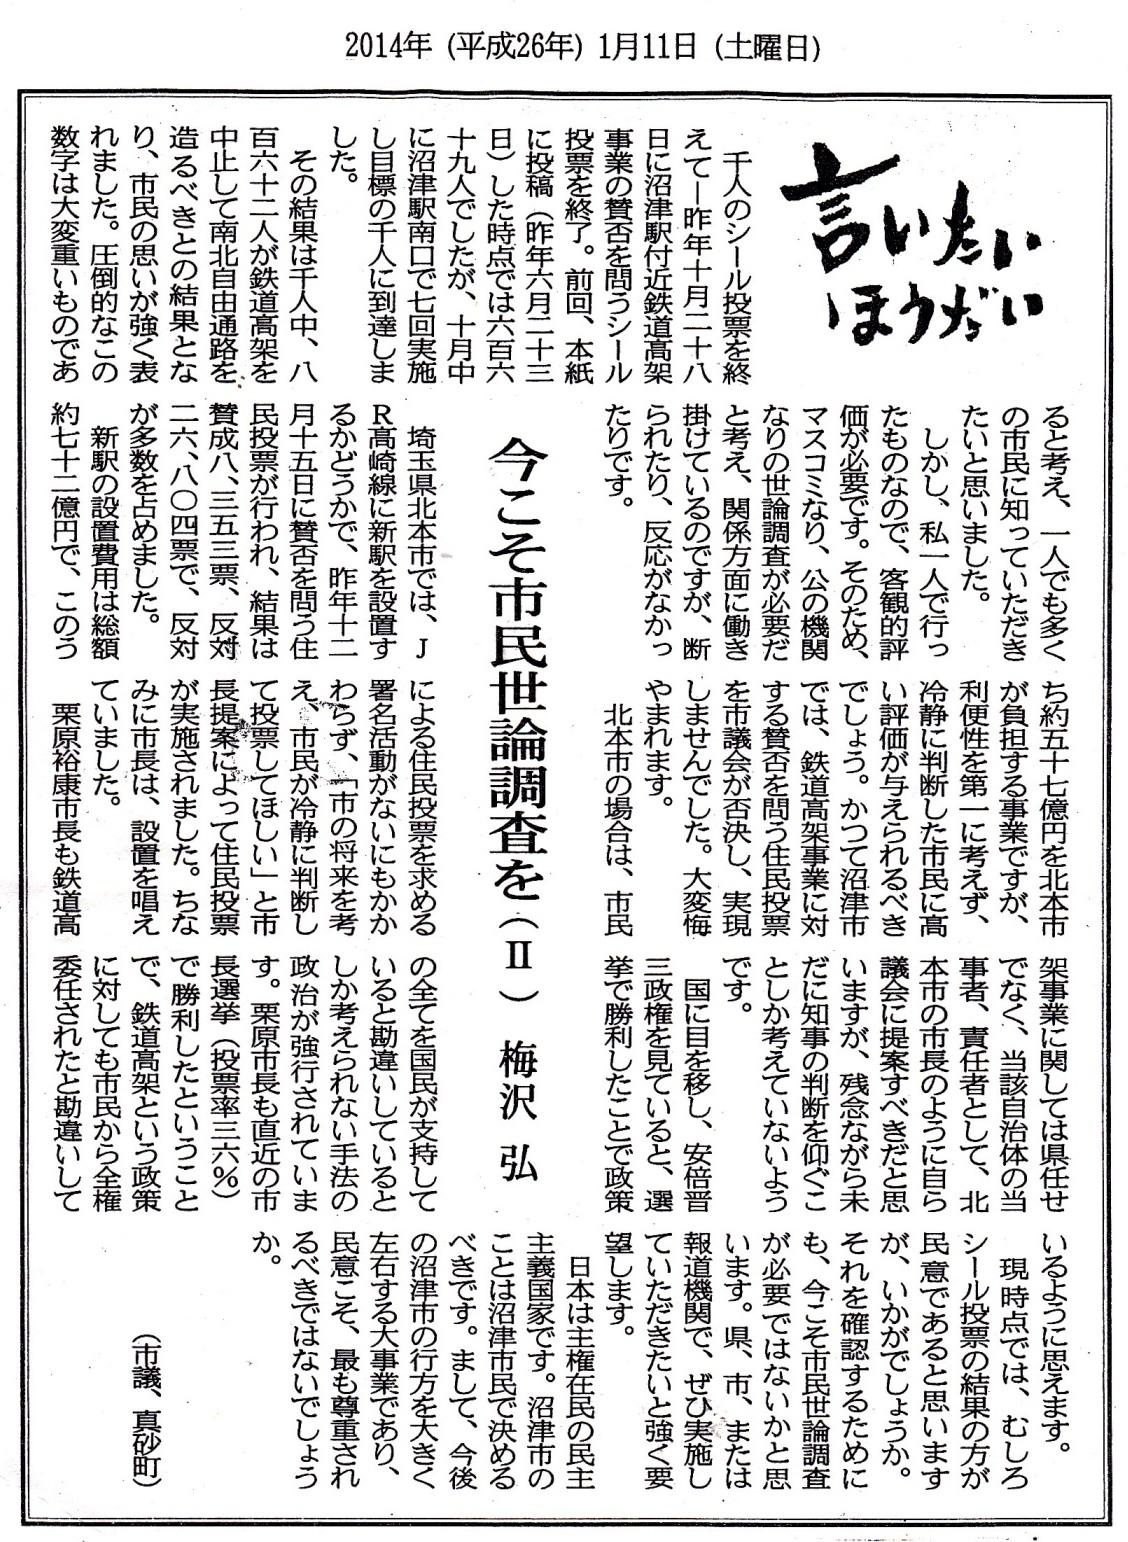 2014_1_11_ 沼津朝日